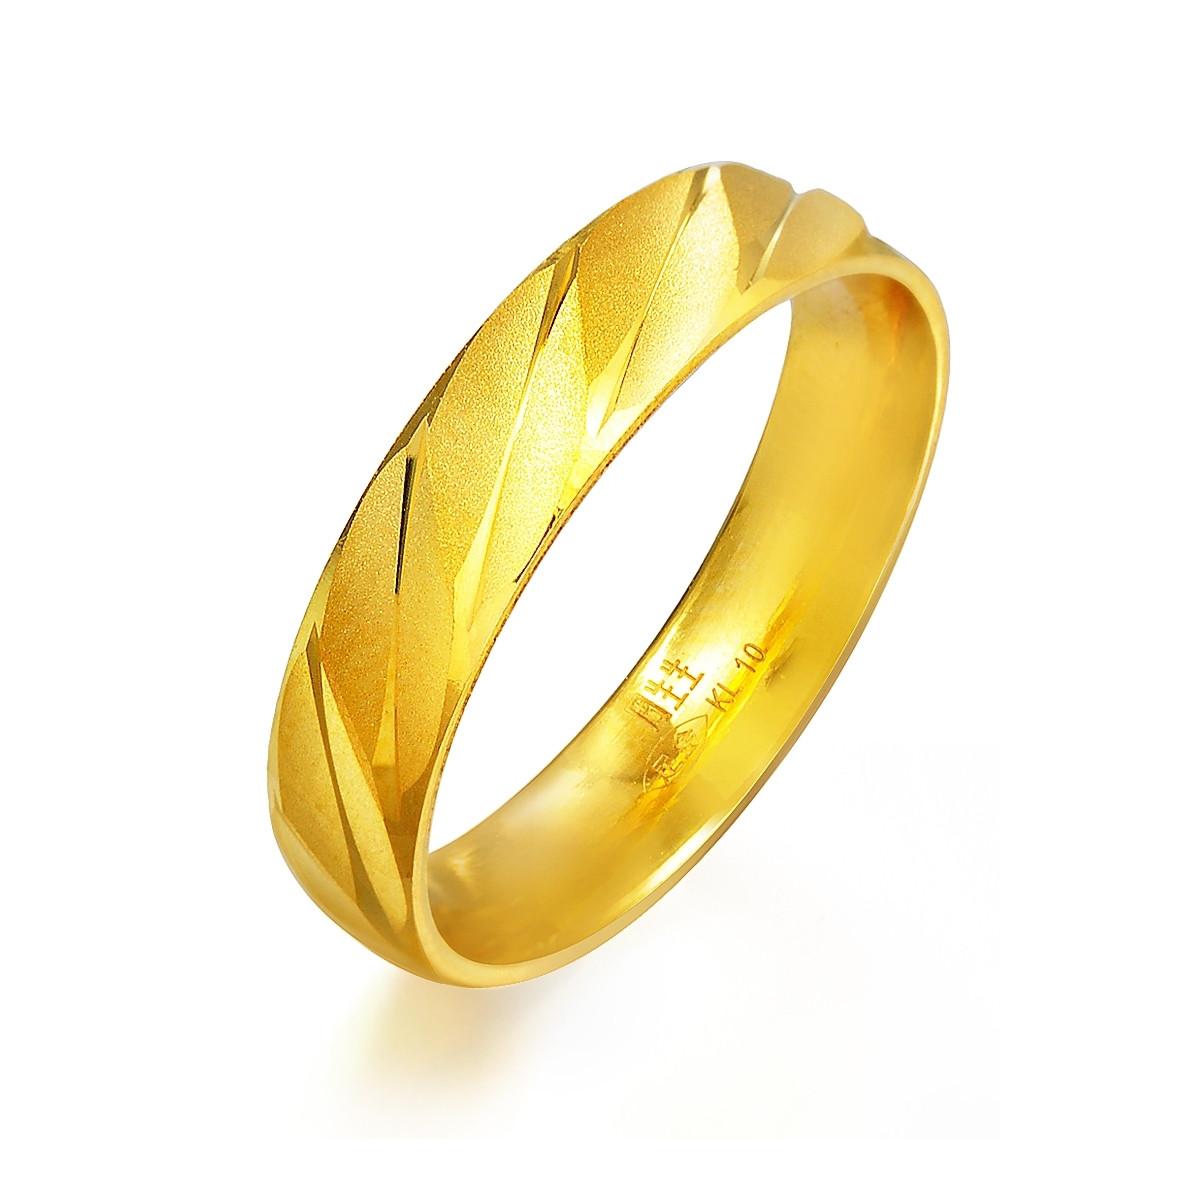 周生生周生生黄金足金精工款戒指结婚送礼戒指对戒C78208r如图